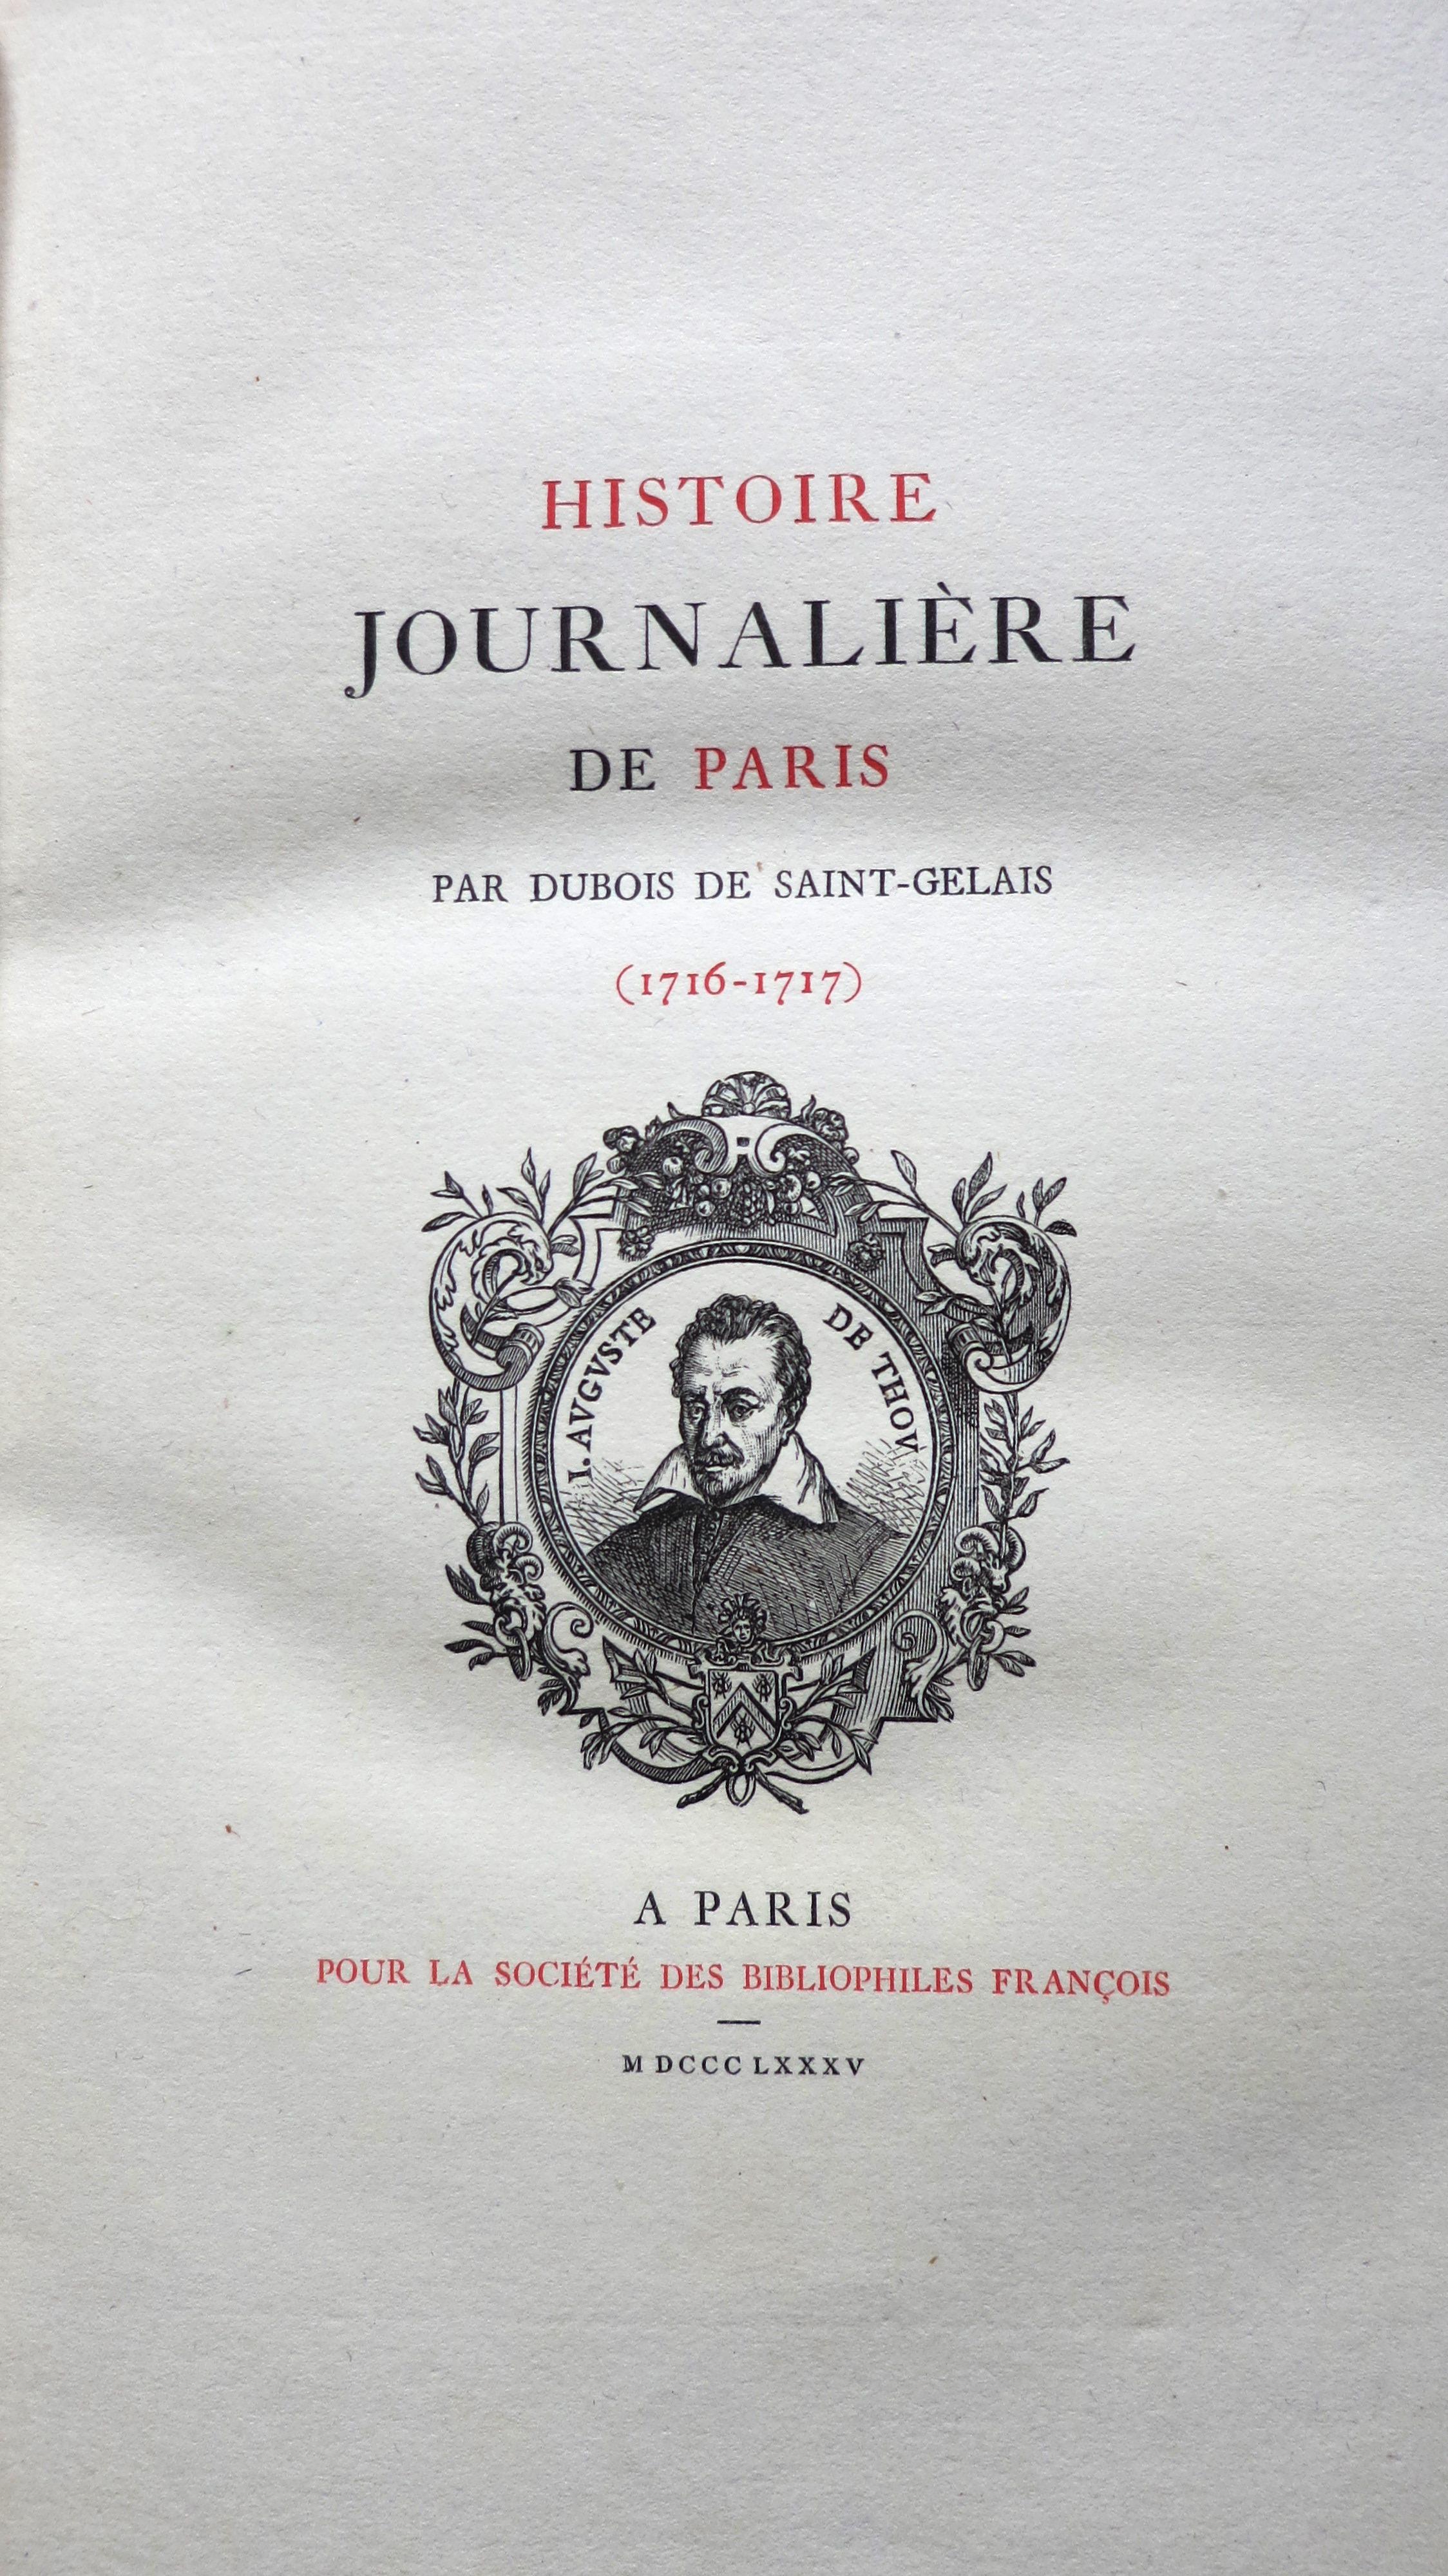 Histoire journalière de Paris